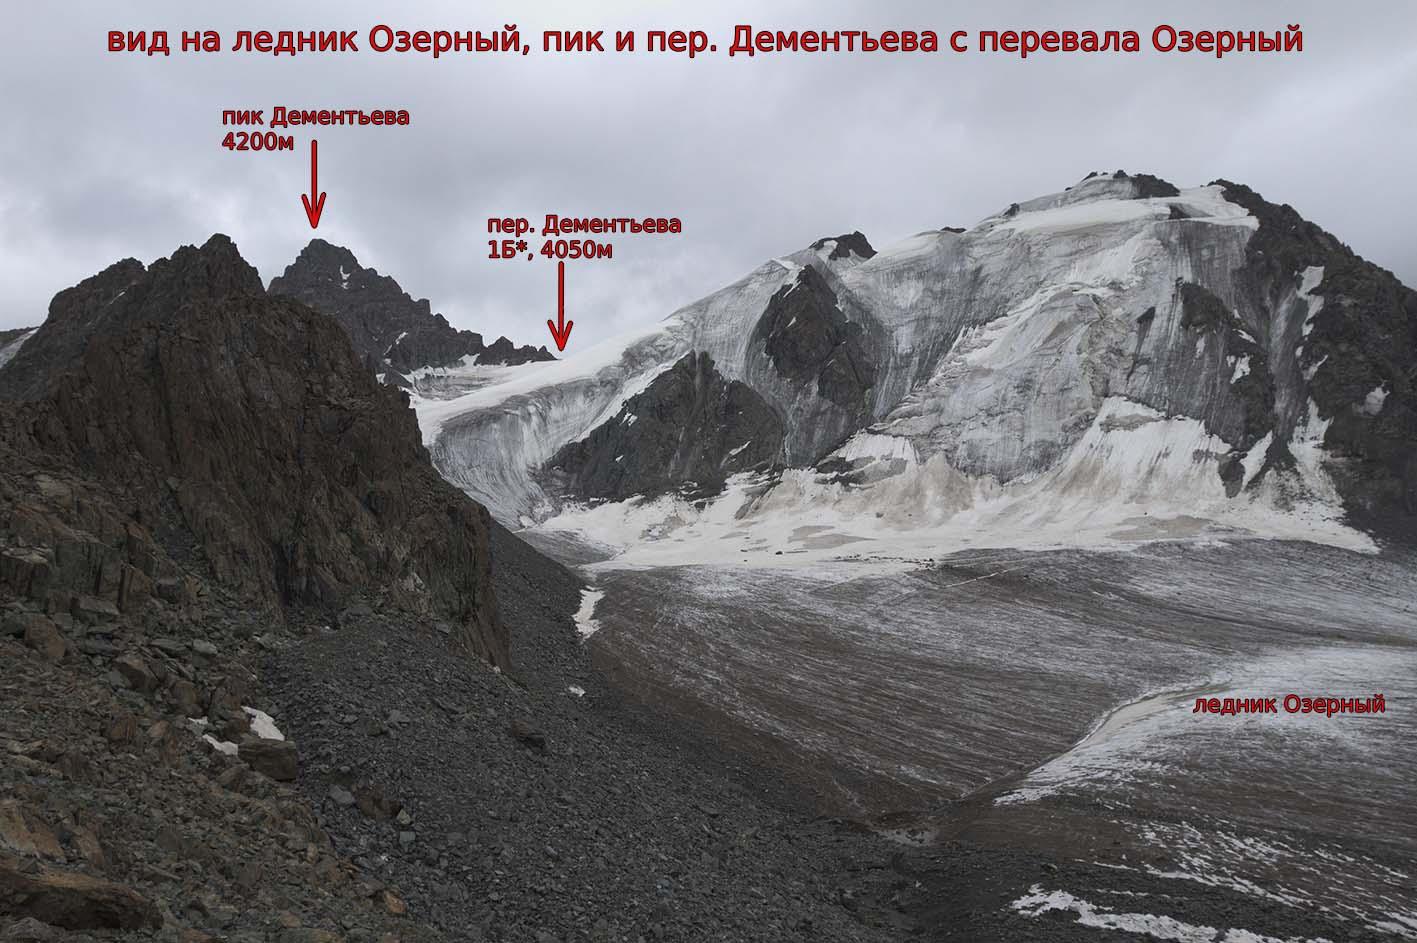 Пик Дементьева (4200 м), пер. Дементьева (1Б*, 4050) с ледника Озерный